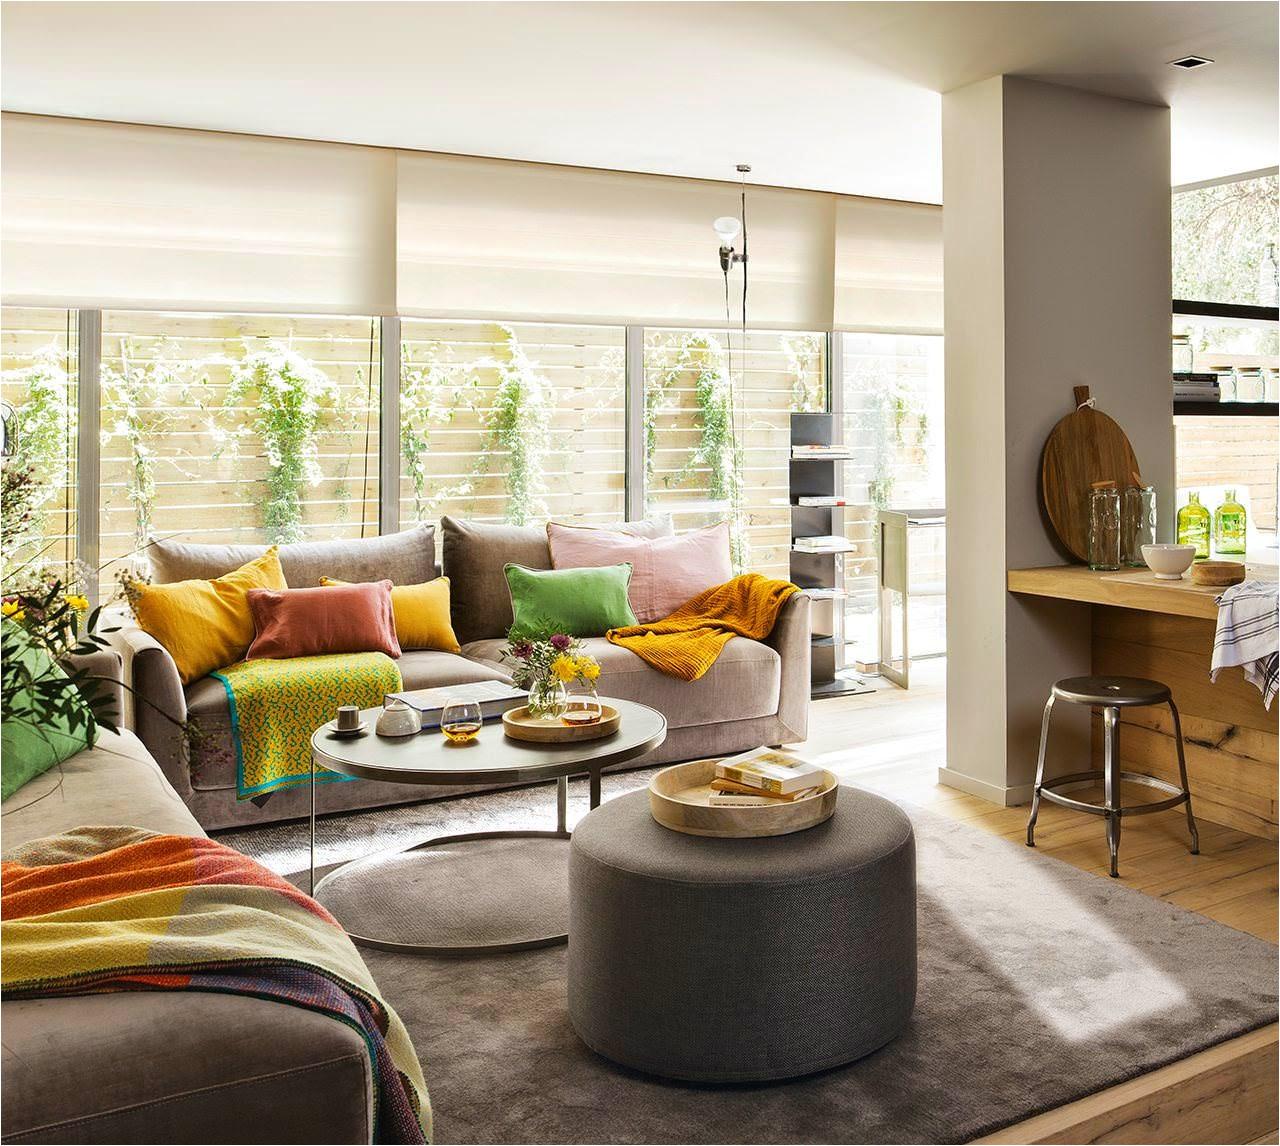 decoracion espacios pequenos sala comedor imagenes casas decoracion pequec os y en decoraci full with decoracin de interiores para espacios pequeos